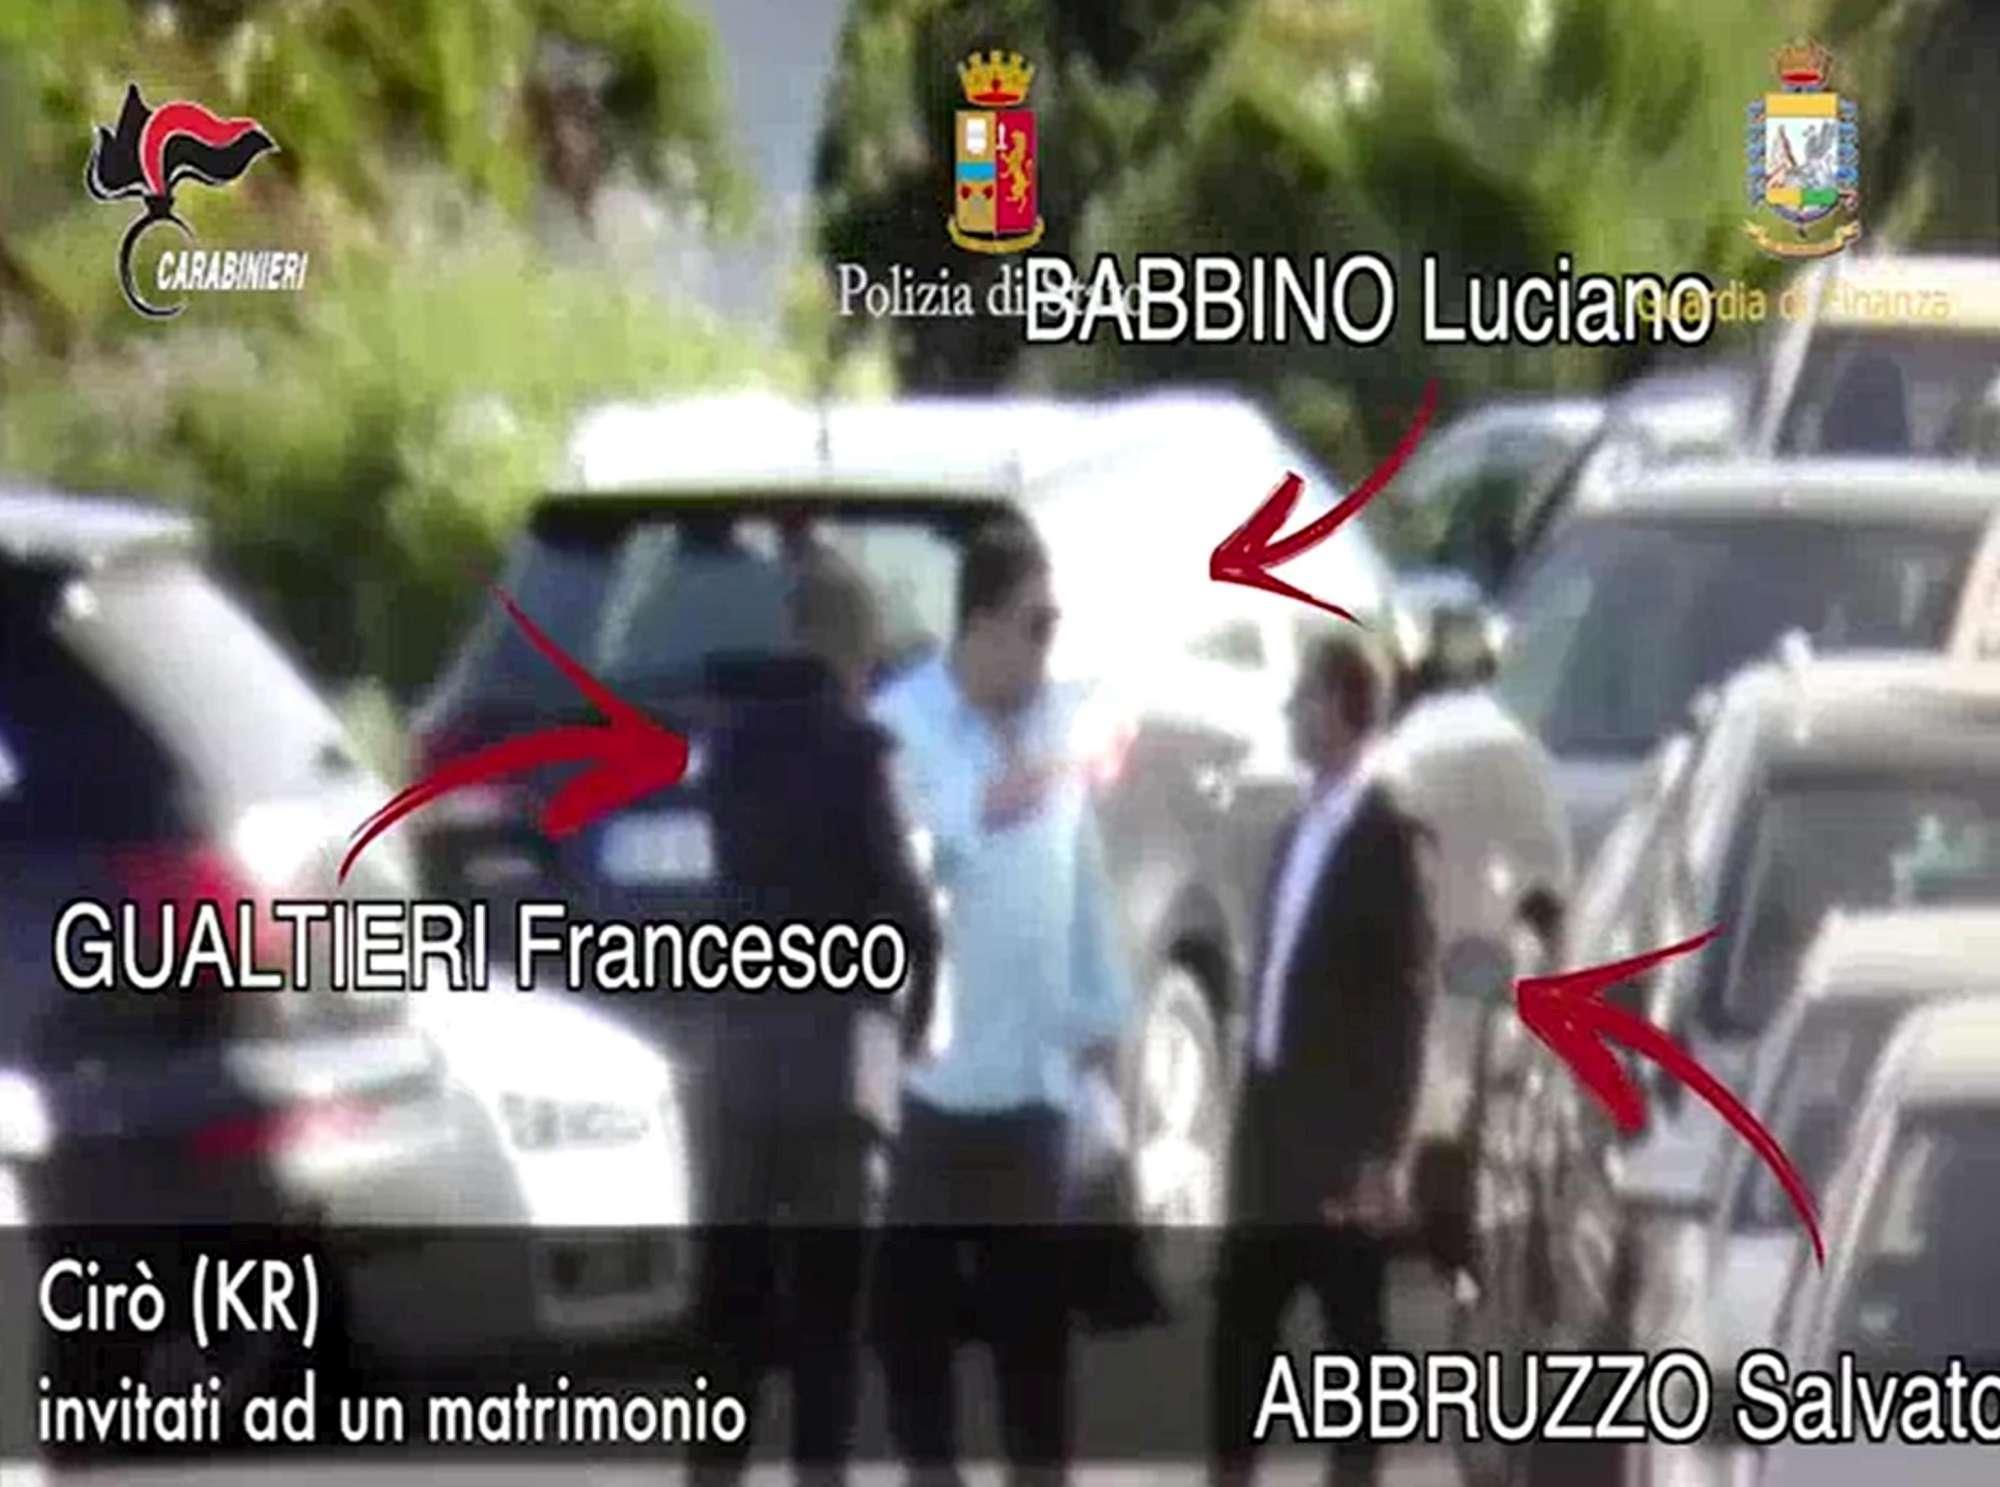 Ndrangheta, smantellata la cosca Arena di Isola Capo Rizzuto